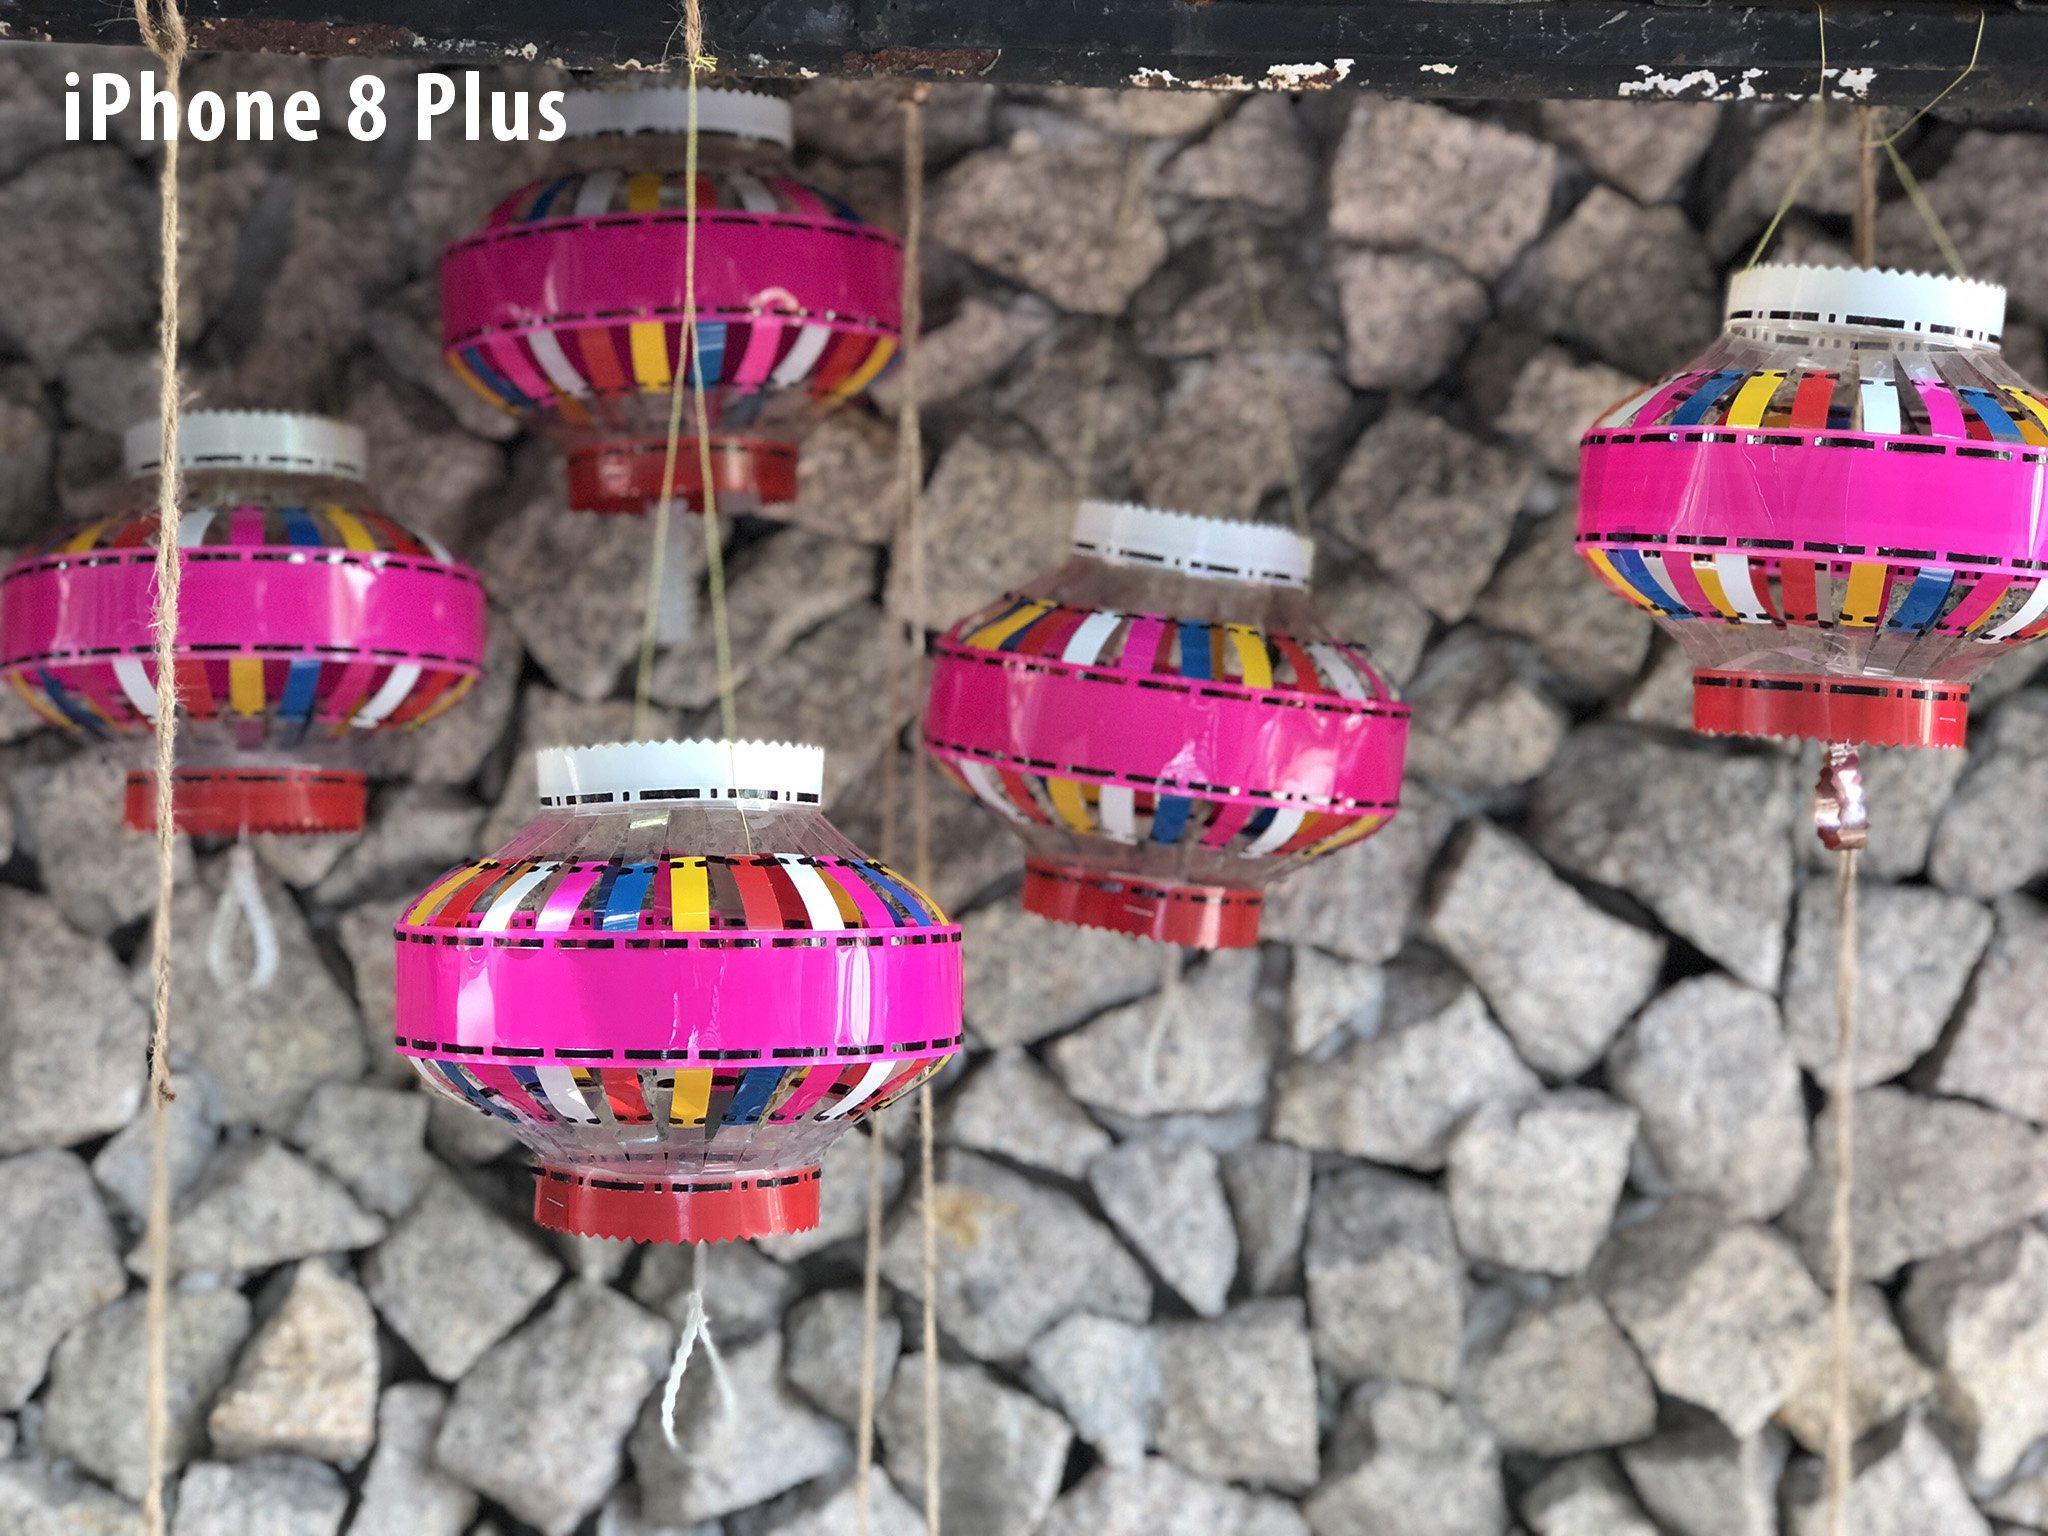 Đang tải Hinh4-8plus.jpg…